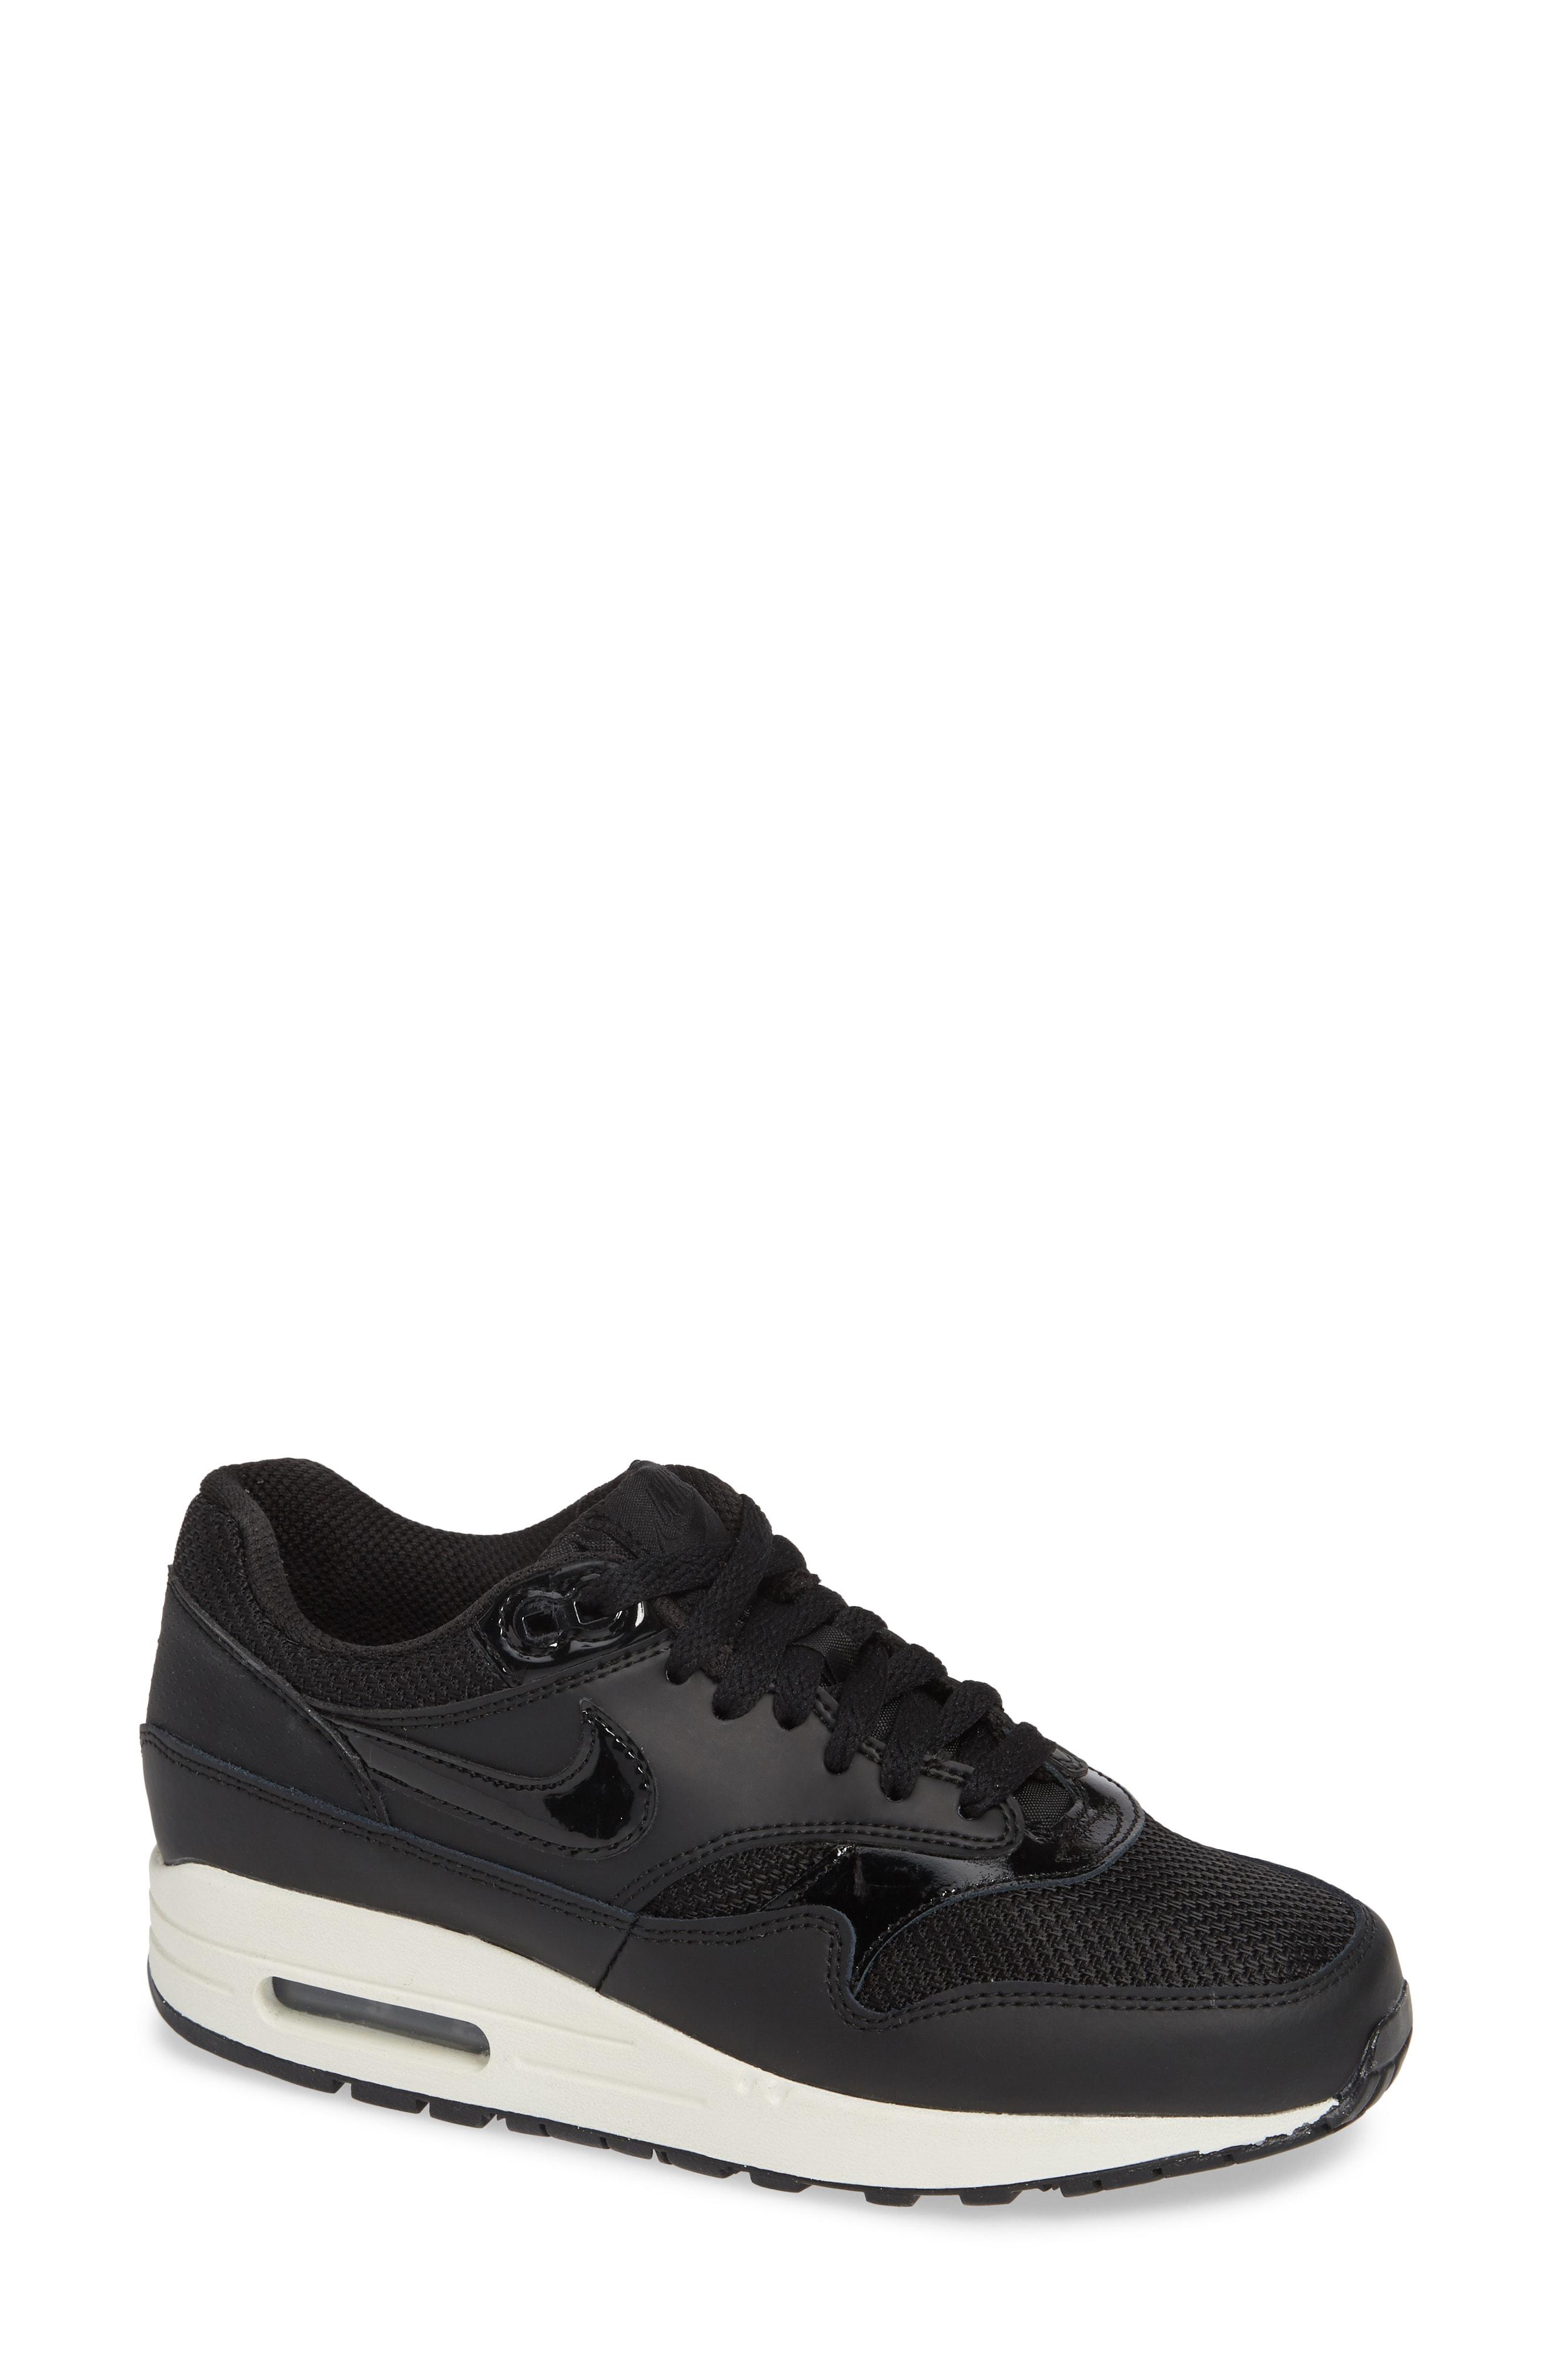 newest 6b233 4b40f Nike Air Max 1 Nd Sneaker In Black  Black-Black- White